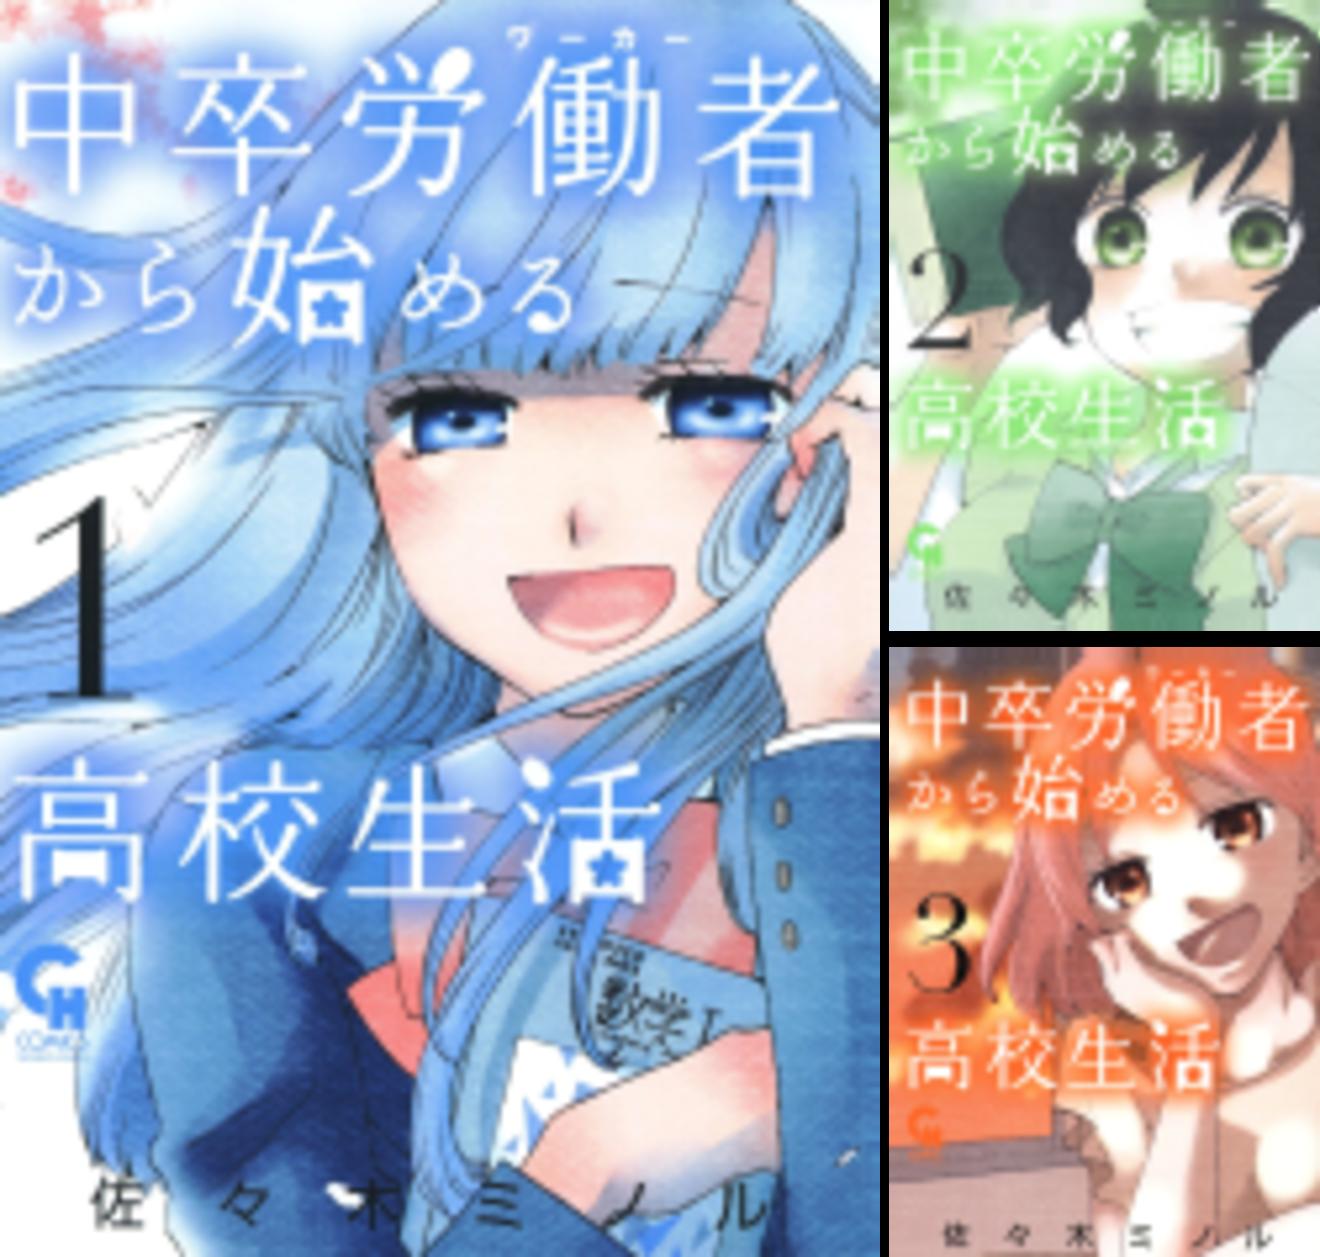 青年向け恋愛漫画おすすめランキングベスト12!【2010年代編】